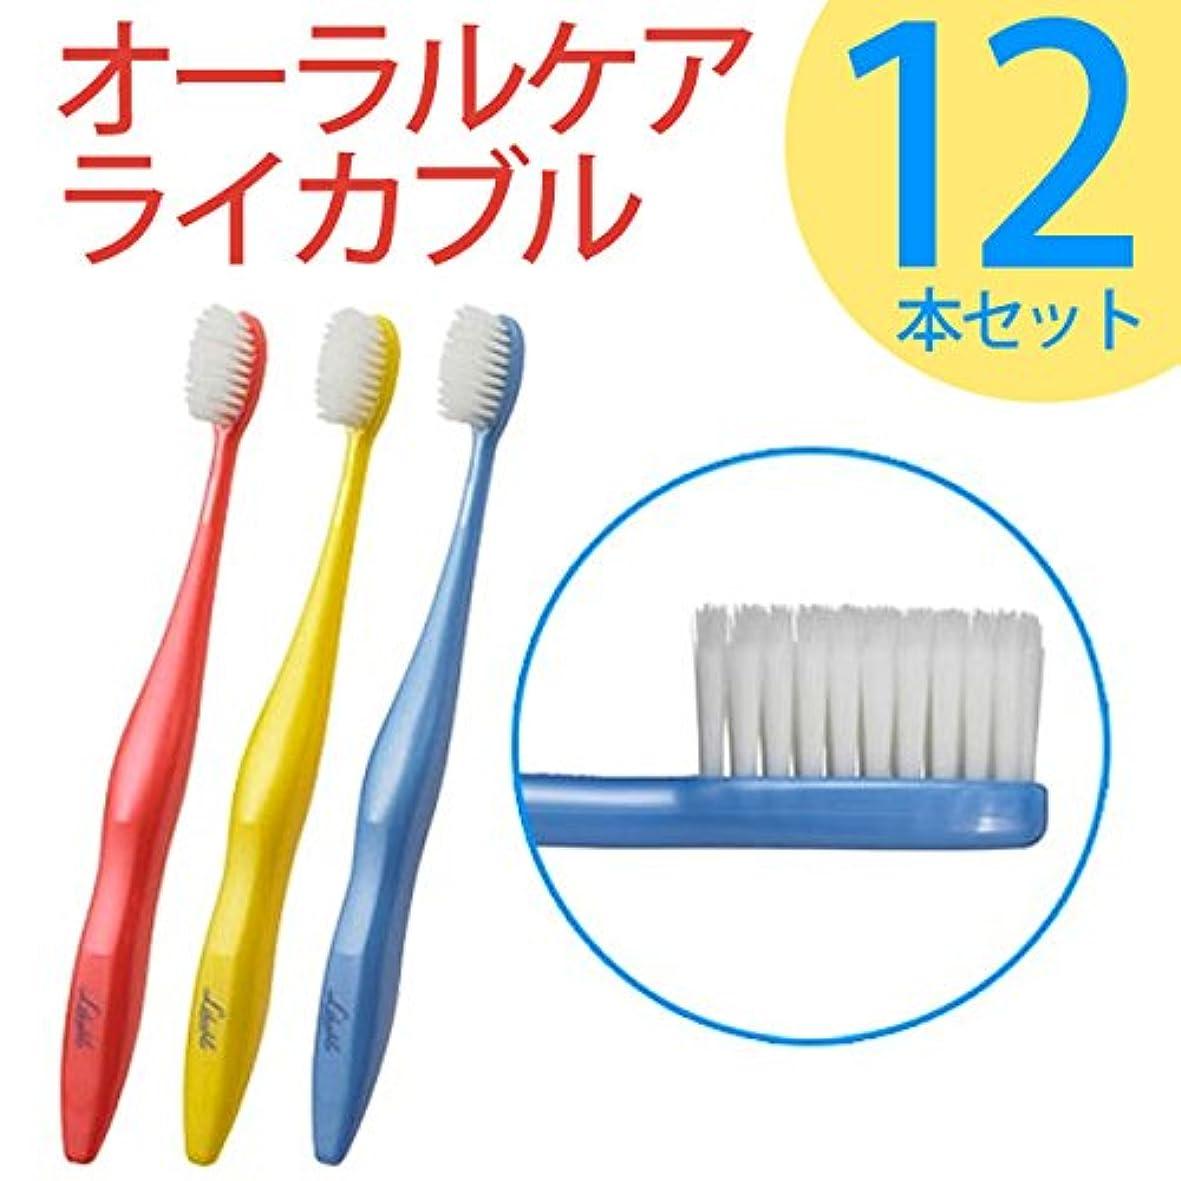 悲しい注ぎますパントリーライカブル ライカブル メンテナンス用 歯ブラシ 12本セット